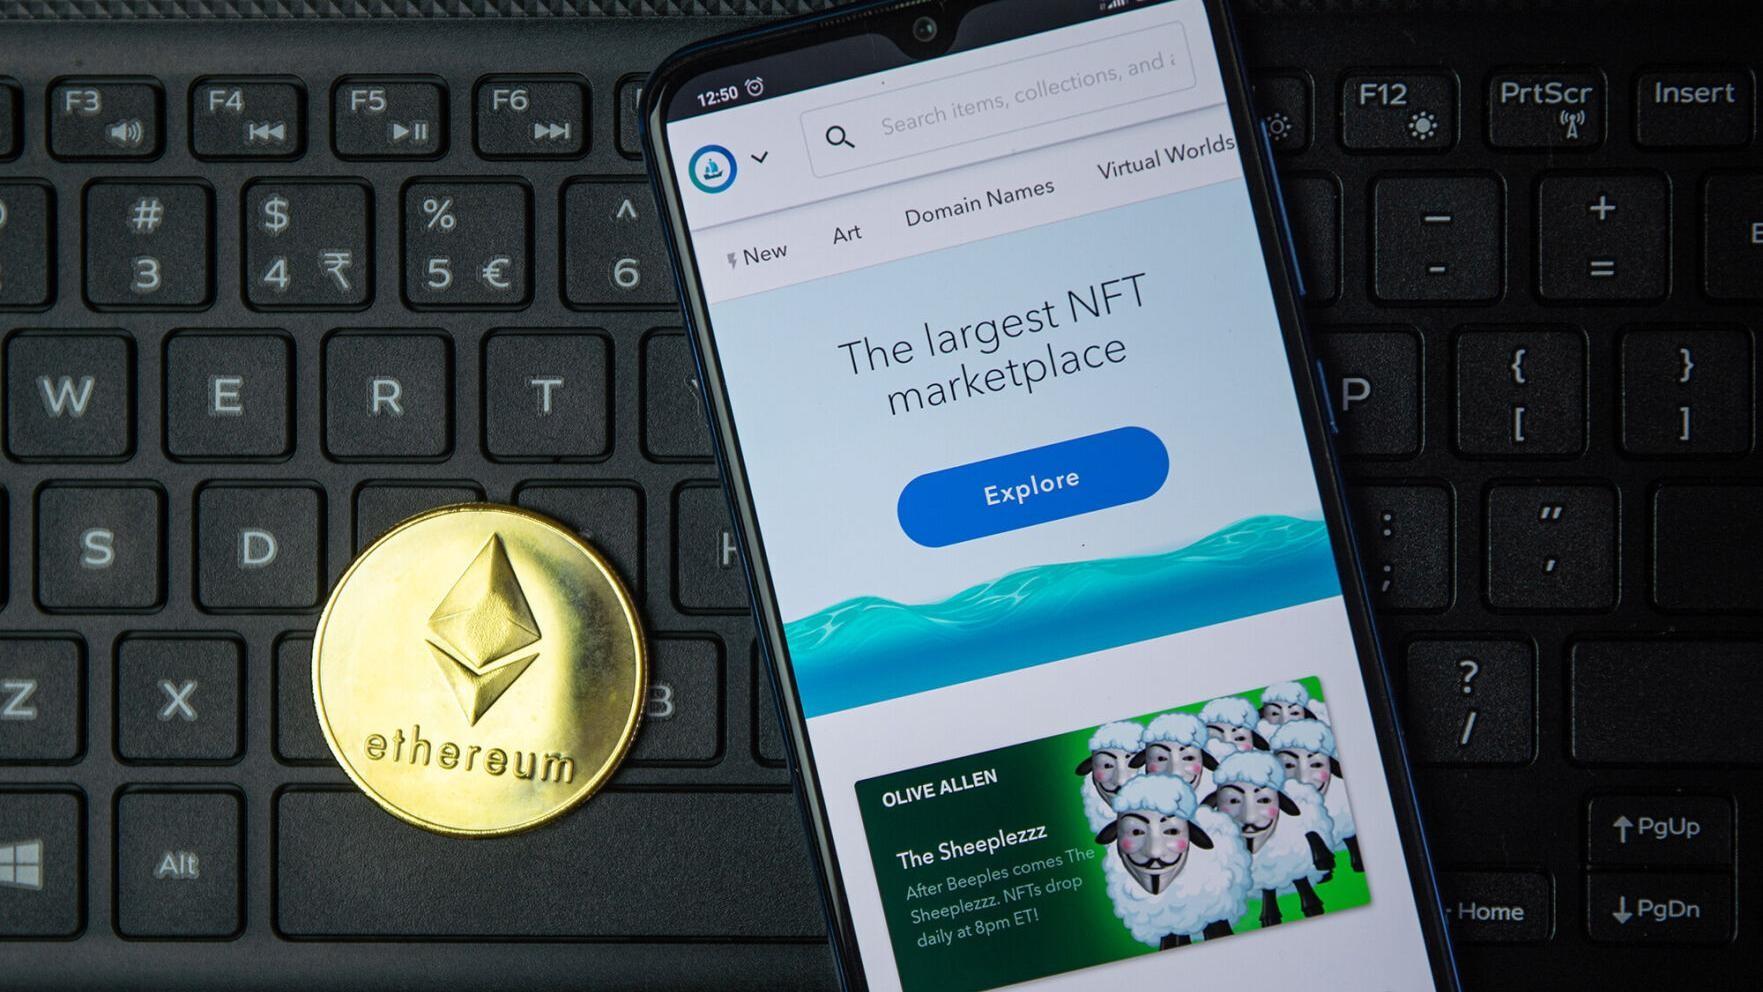 OpenSea là nền tảng mua bán NFT bằng đồng Ether phổ biến nhất hiện nay. Ảnh: Forbes.